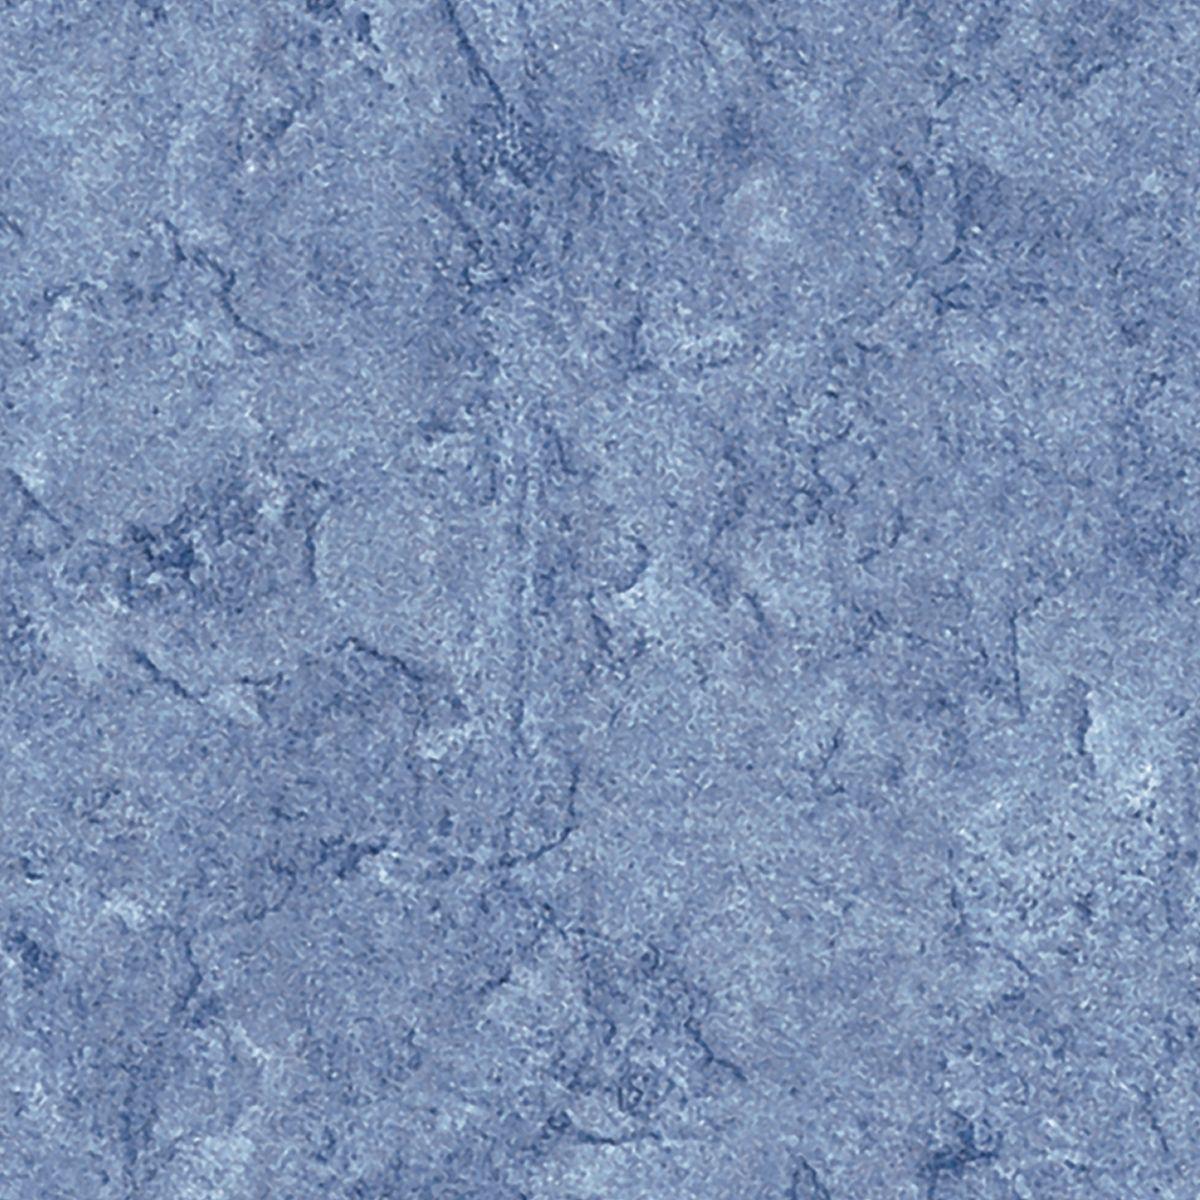 Formica® Laminate - Denim Canvas.